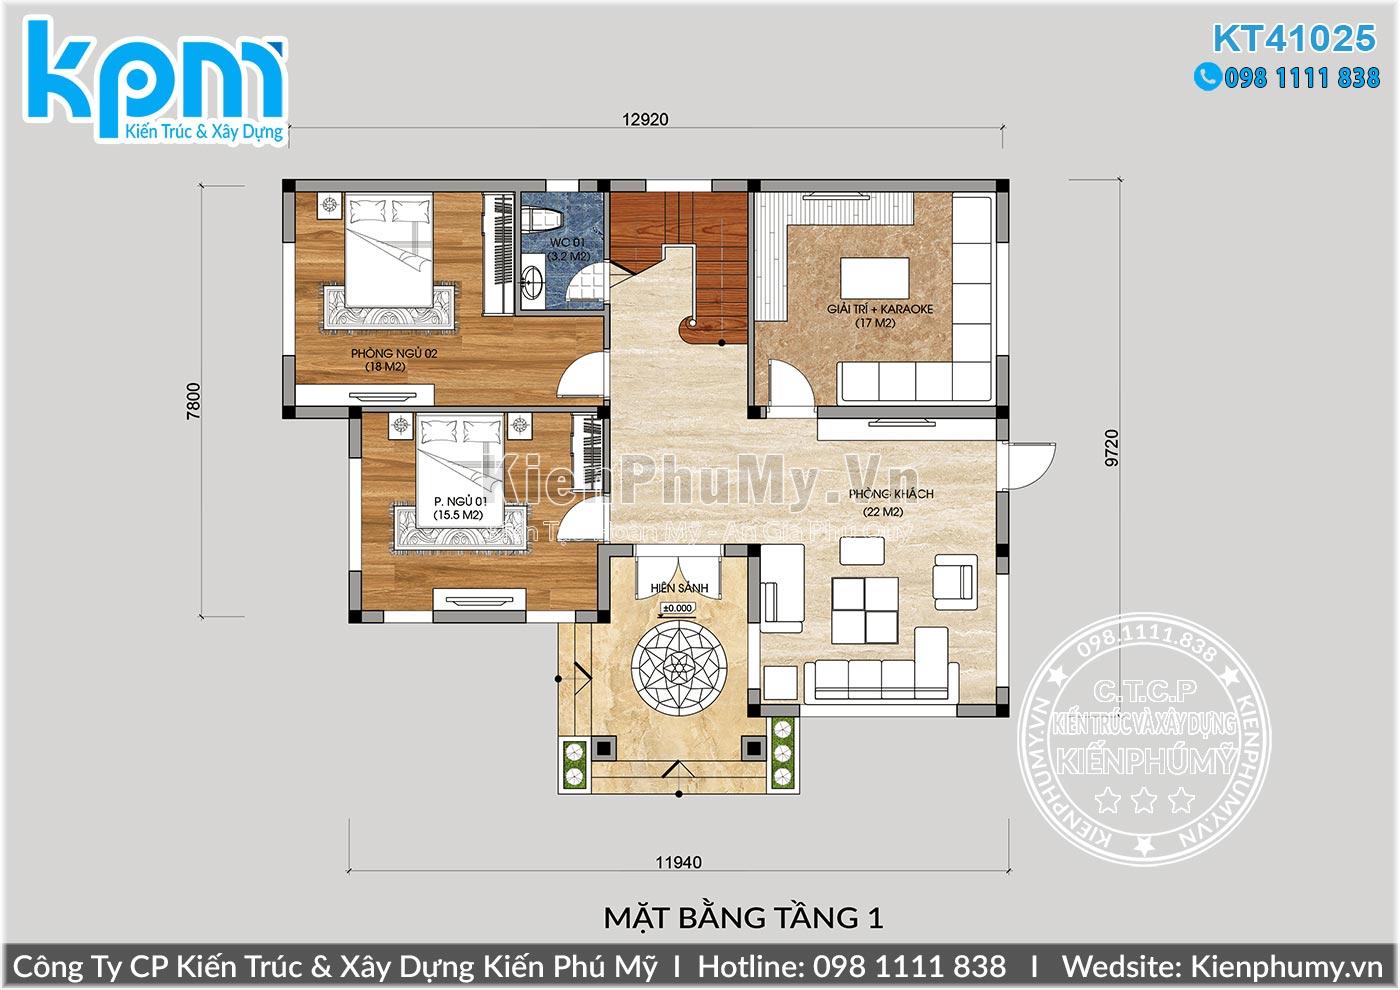 thiết kế biệt thự 2 tầng mái thái 120m2/sàn bao gồm 4 phòng ngủ